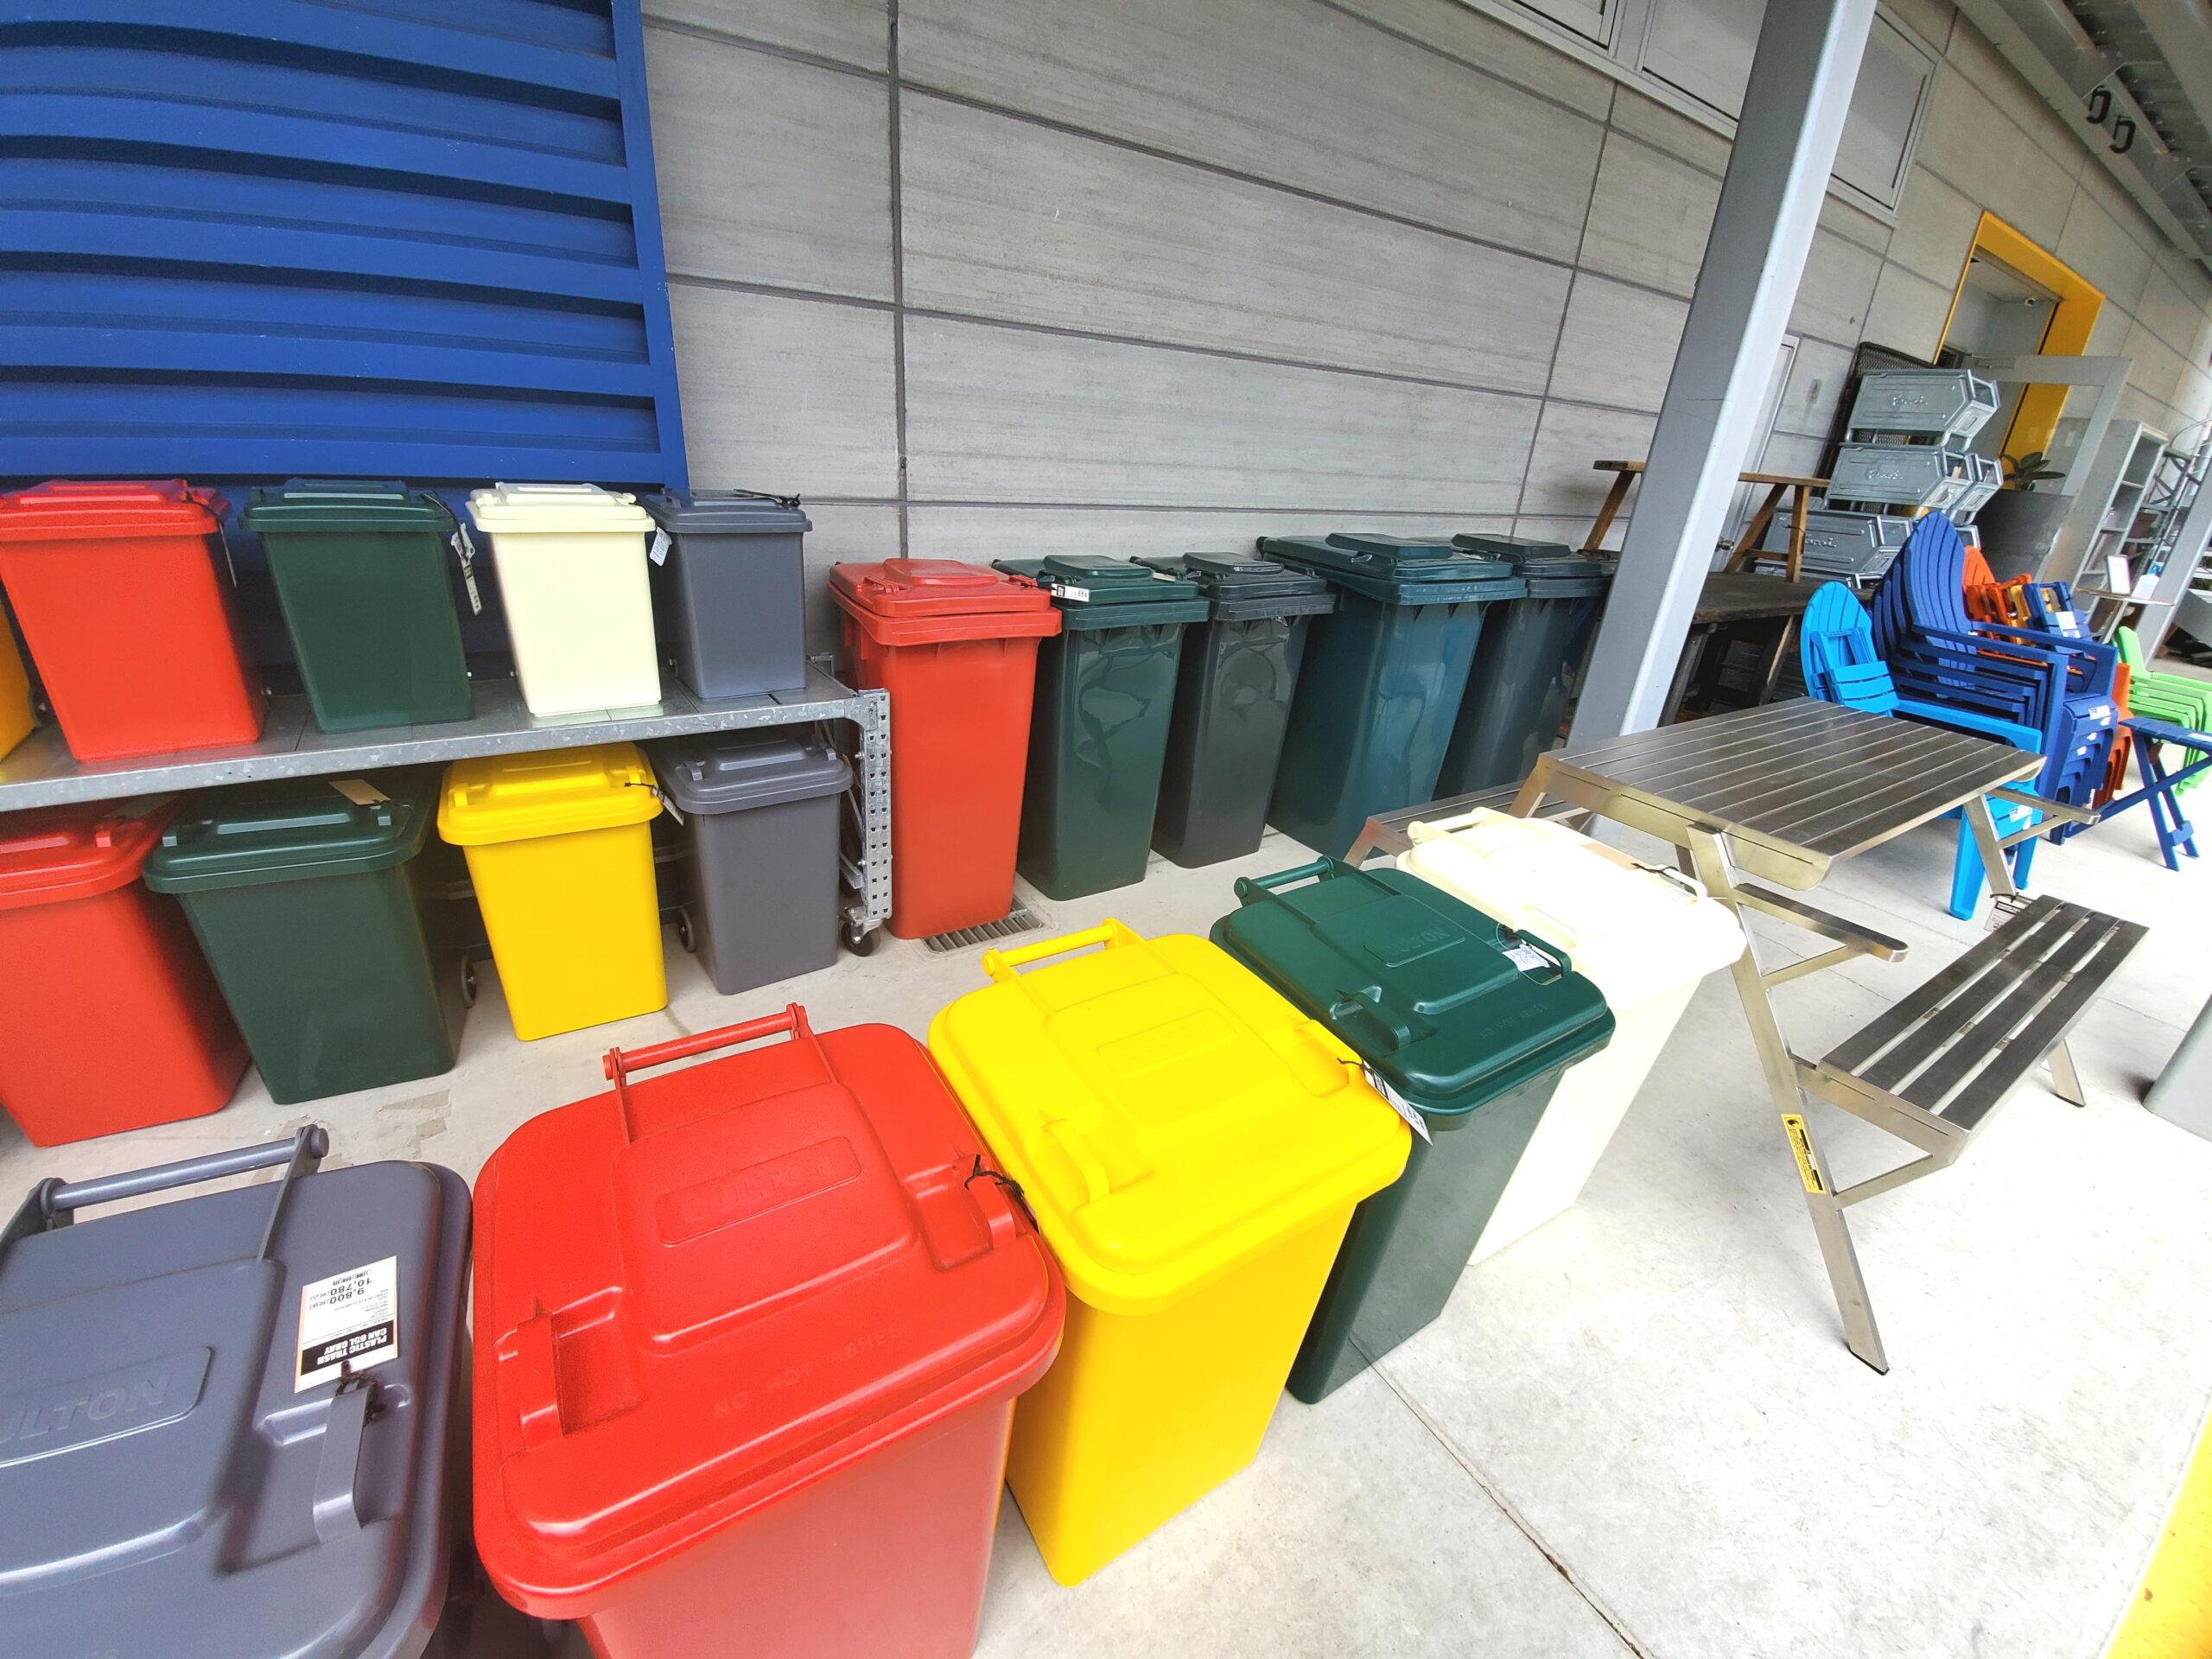 ダルトン大阪のゴミ箱